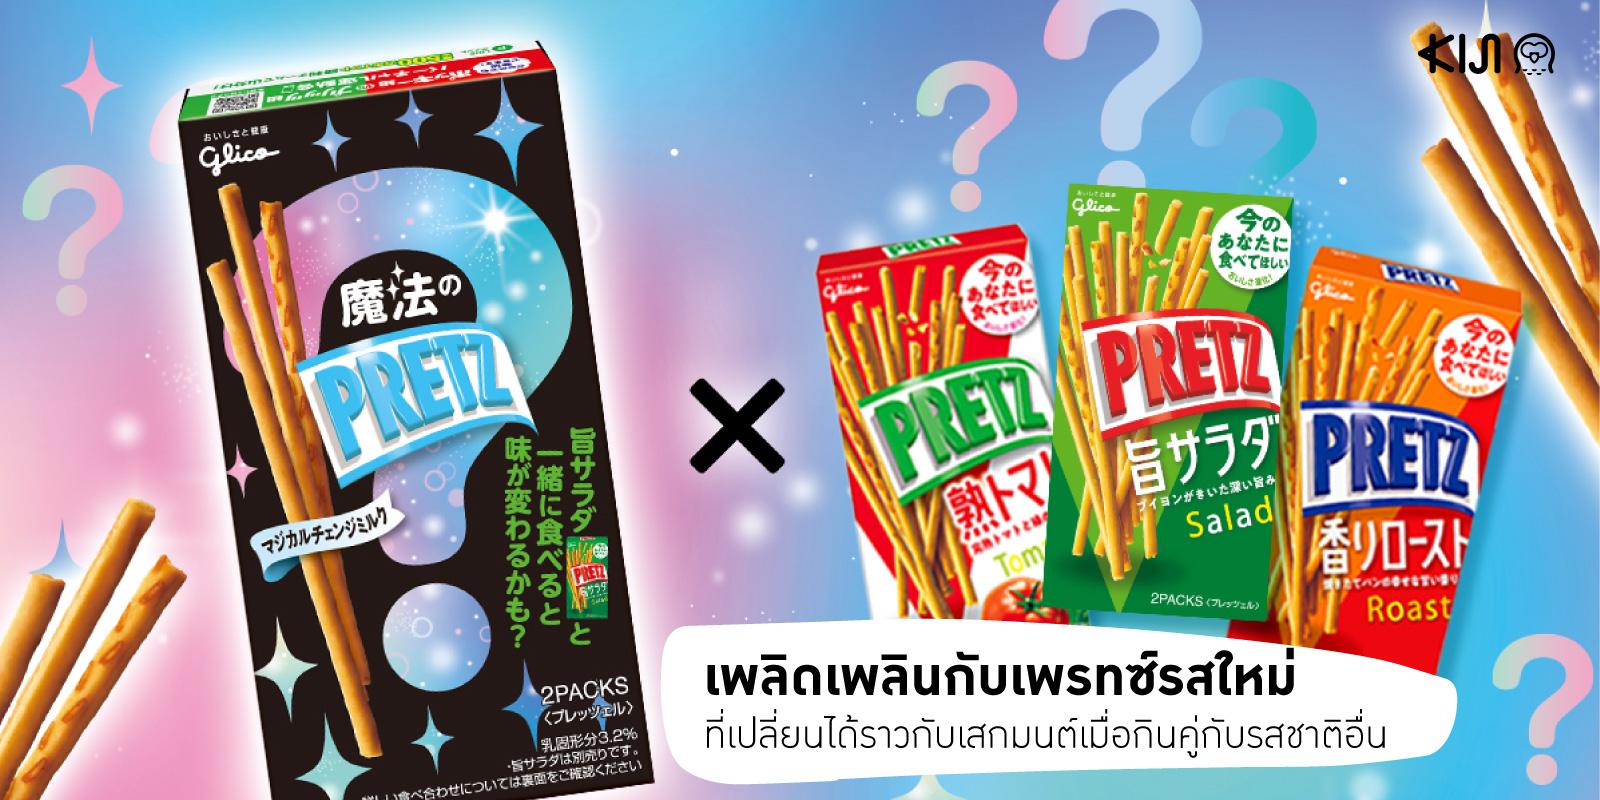 เพรทซ์ญี่ปุ่น Mahou no Pretz (Magical Change Milk)